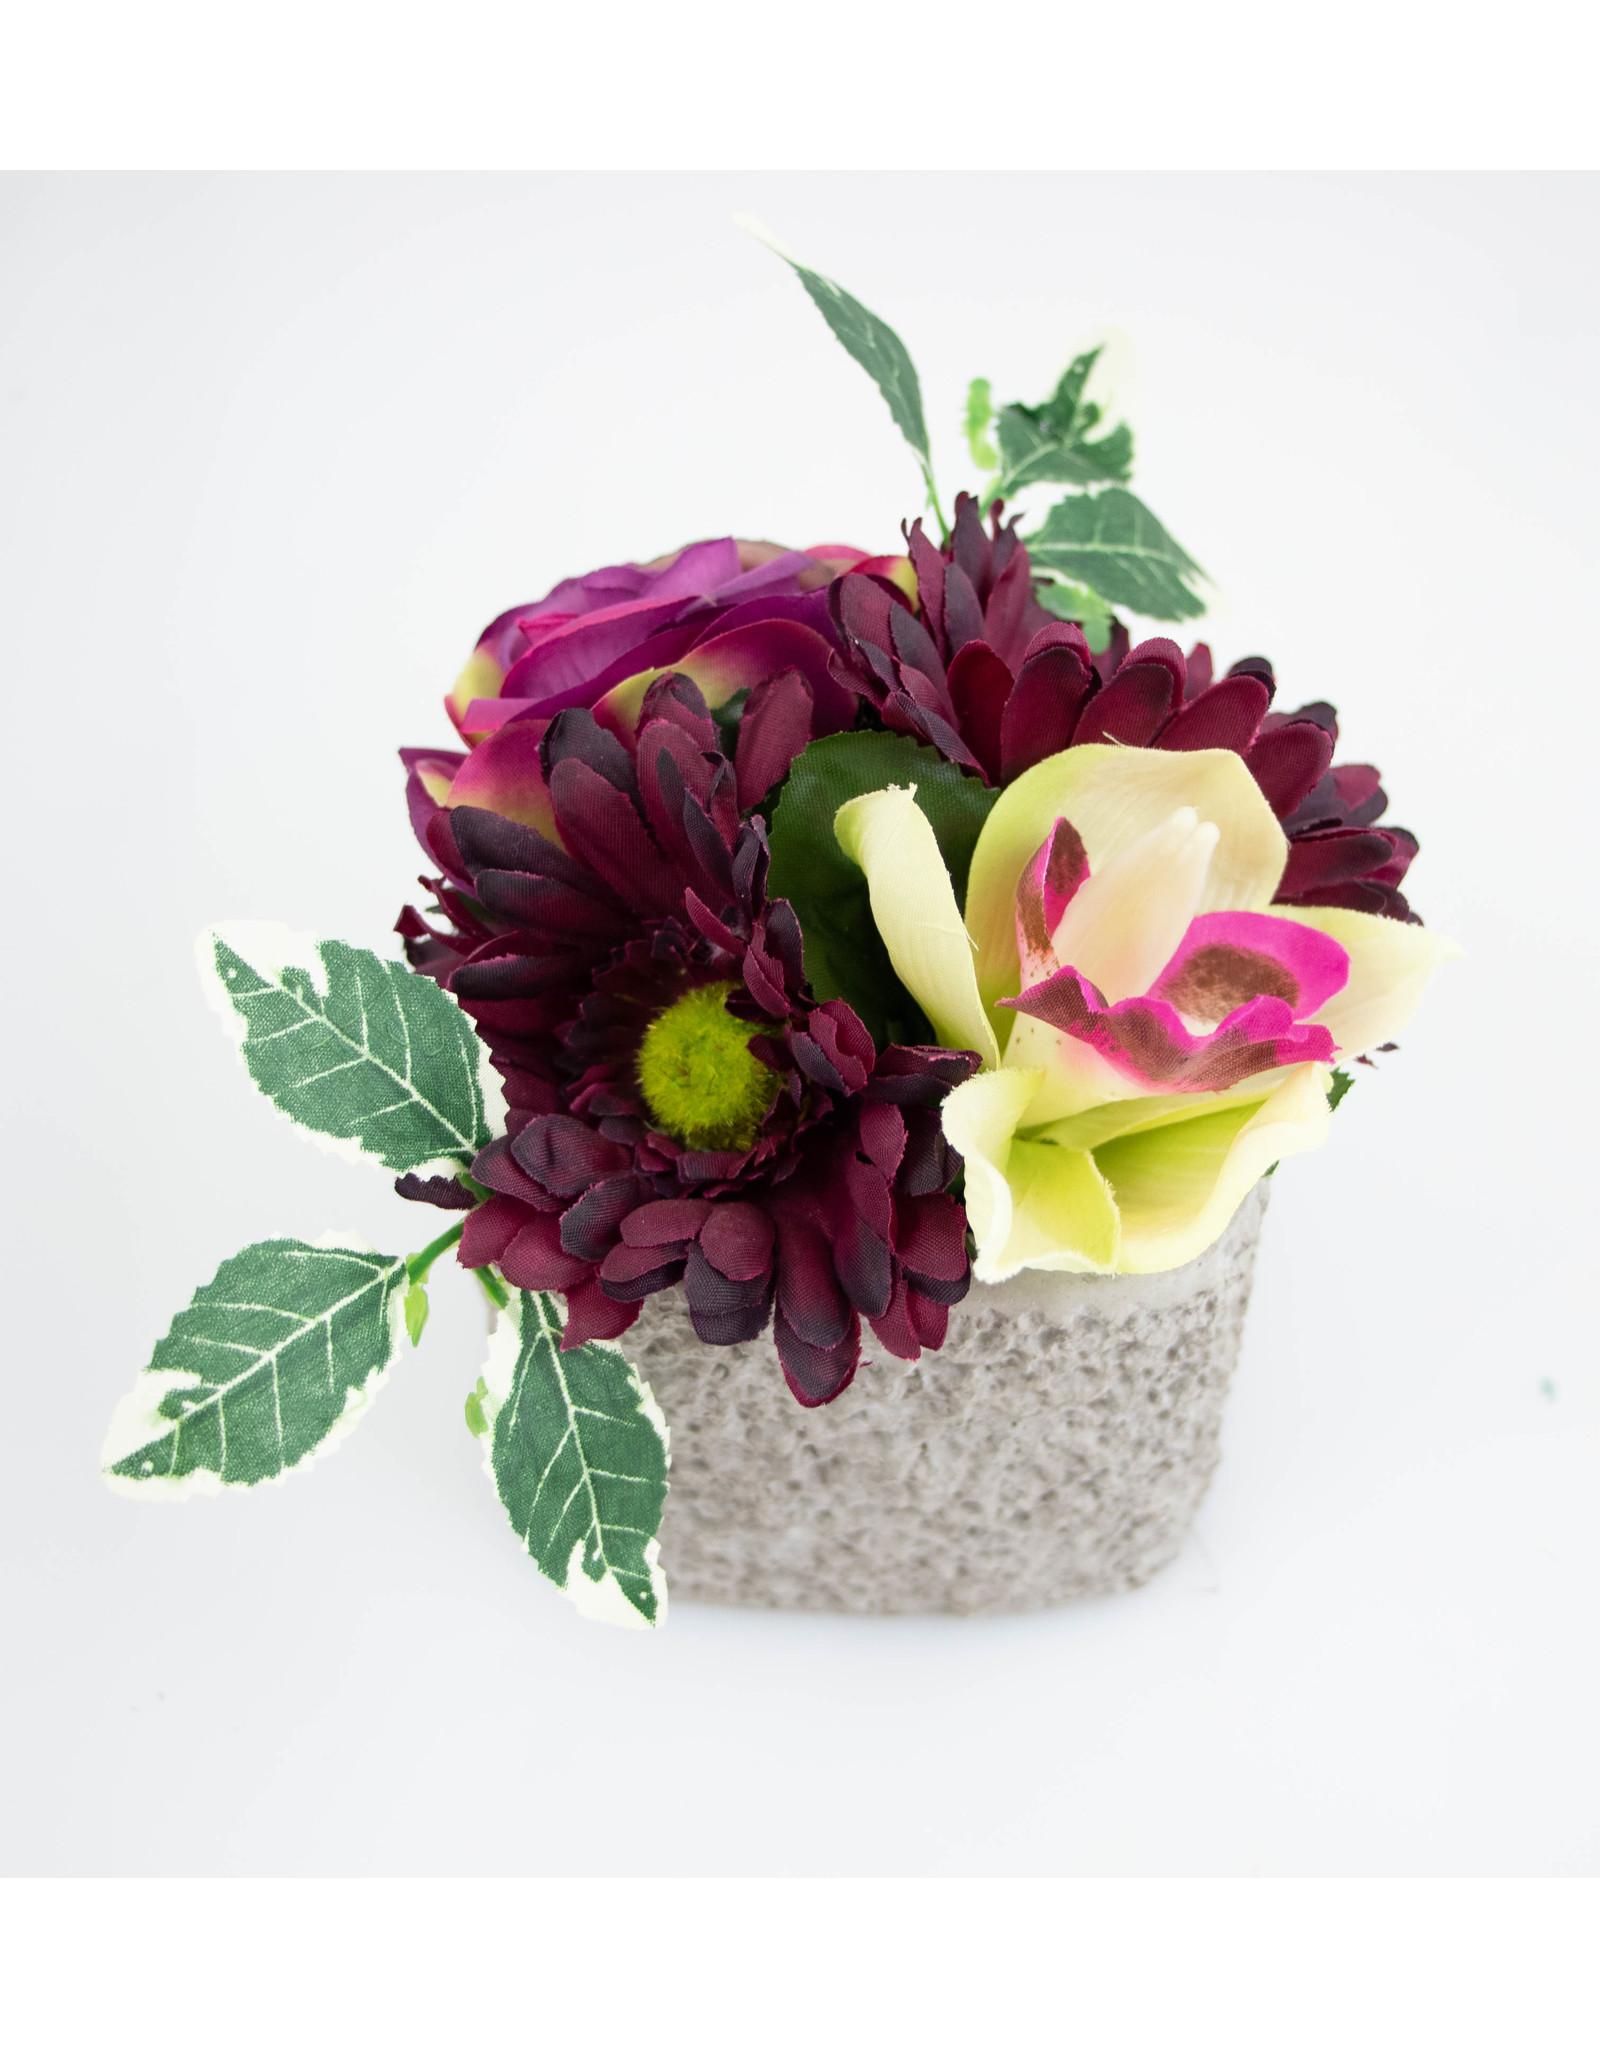 Vierkant stenen potje paarse orchidee - Mod37